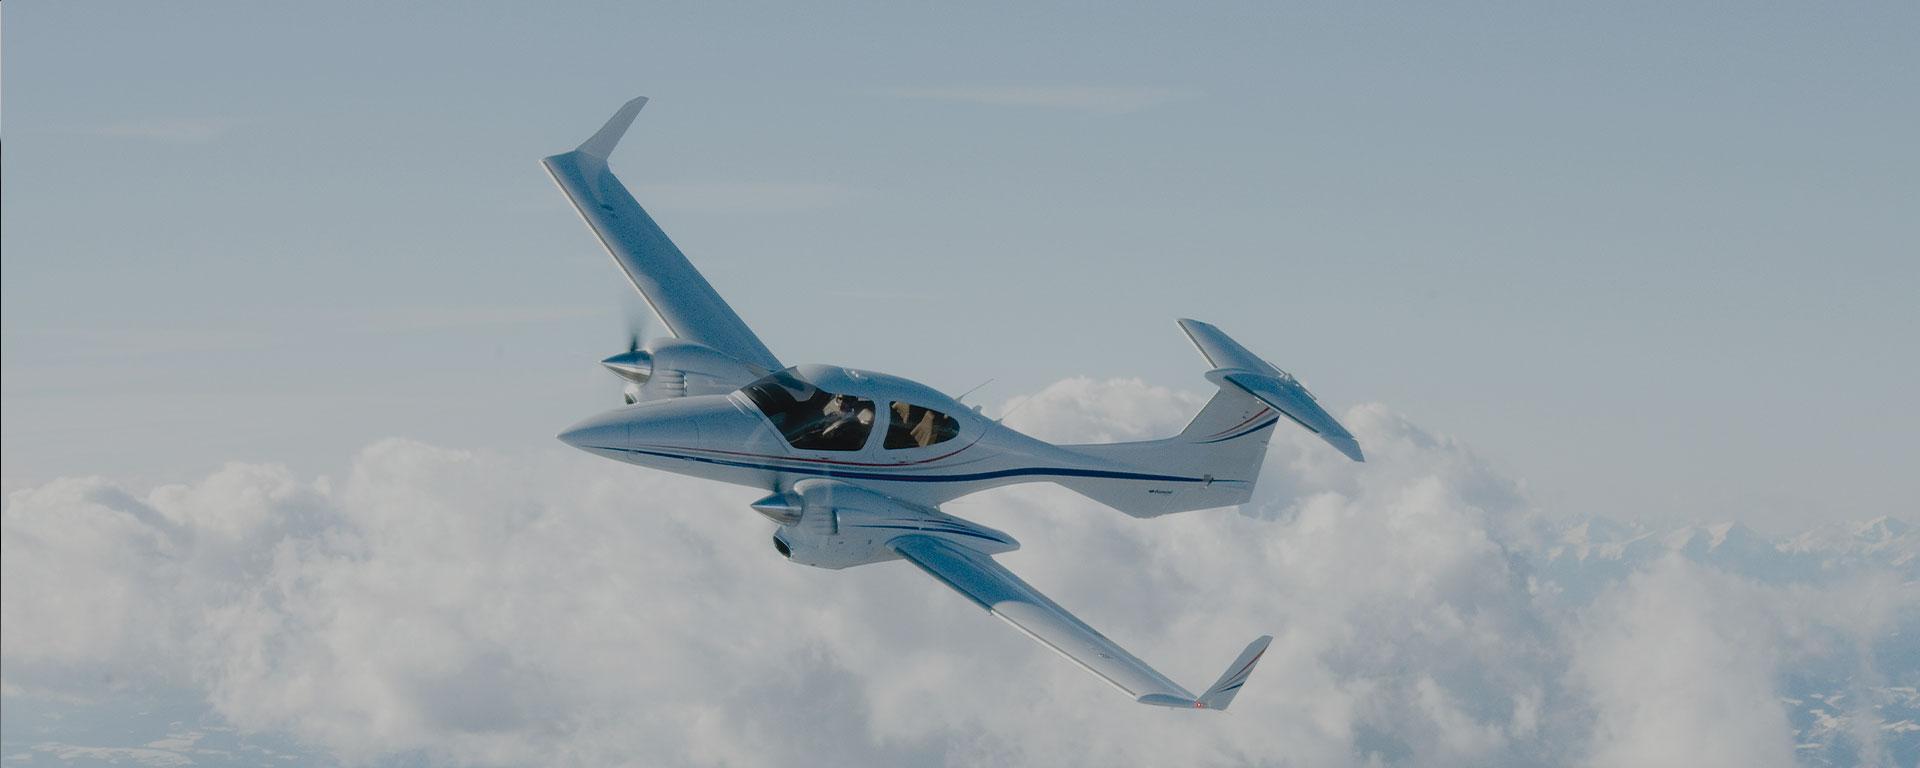 Qualification avion multimoteur à pistons - mep